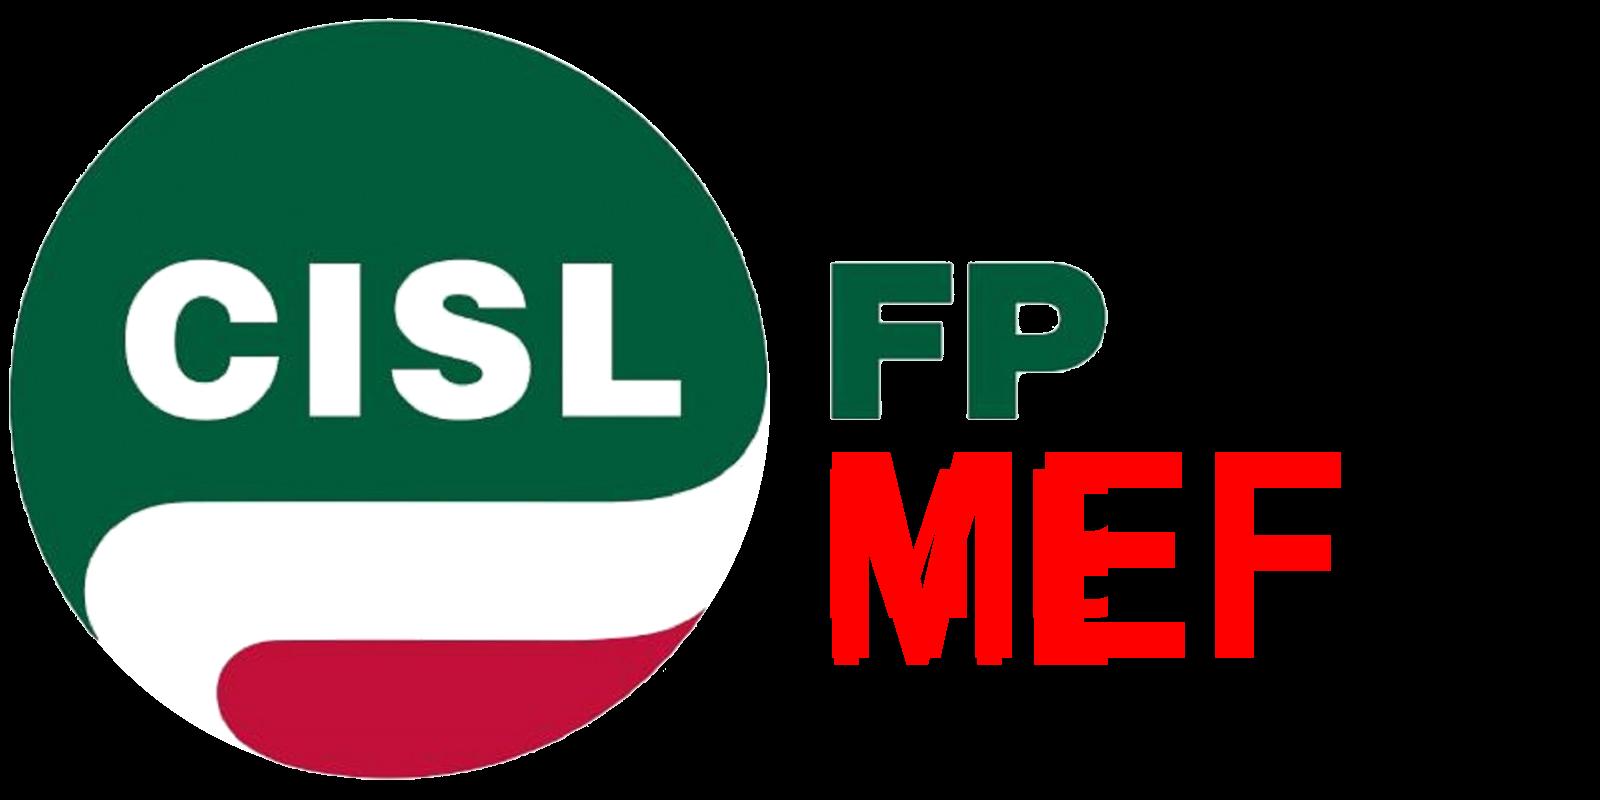 CISL FP MEF